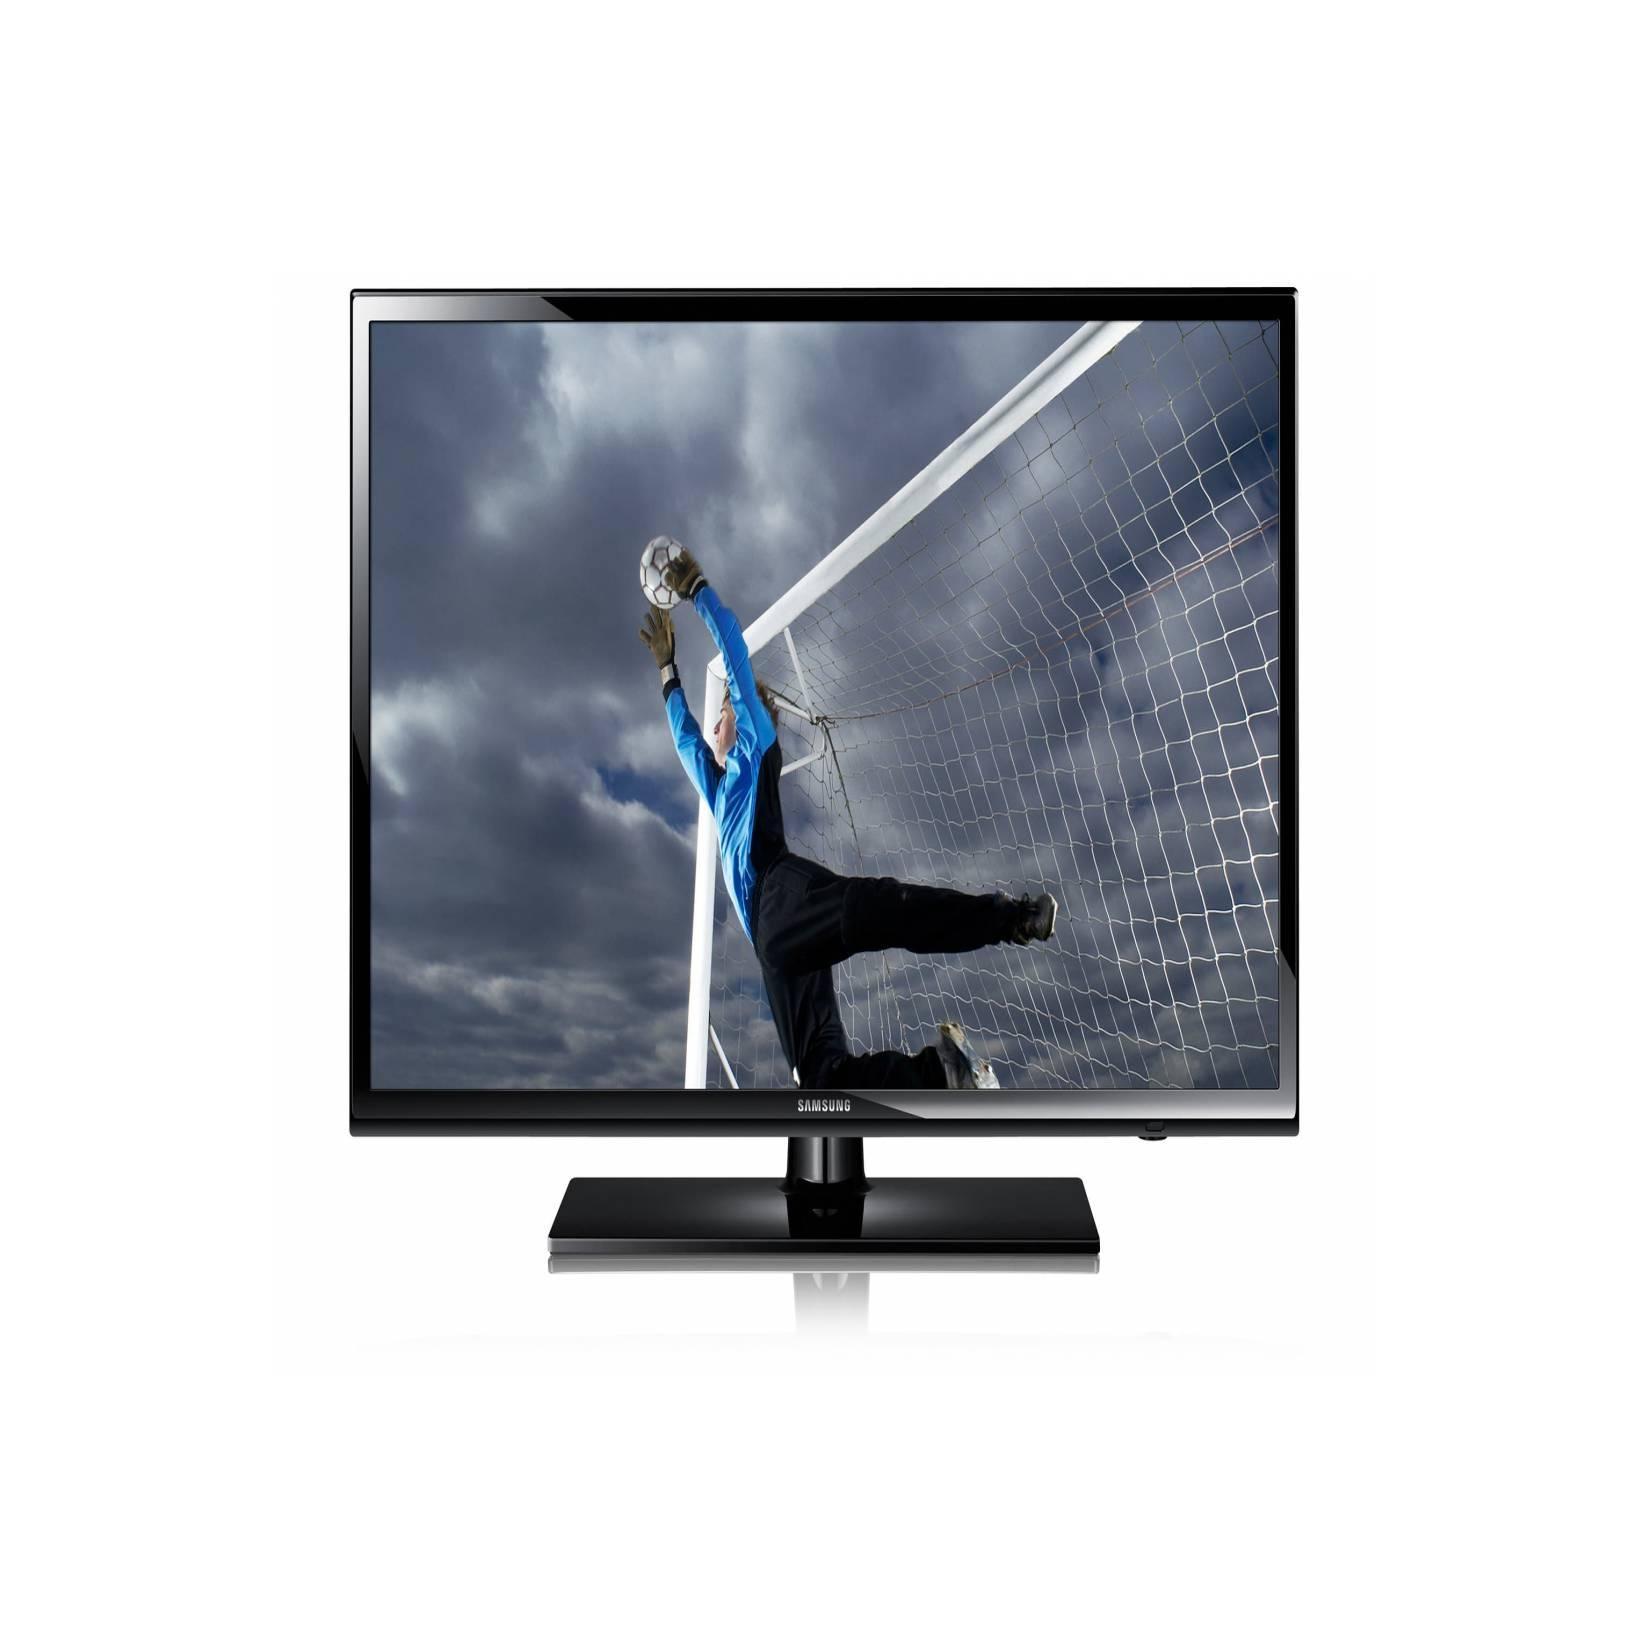 SAMSUNG LED TV 32 Inc - UA32FH4003 hitam + Free BREKET, GARANSI RESMI